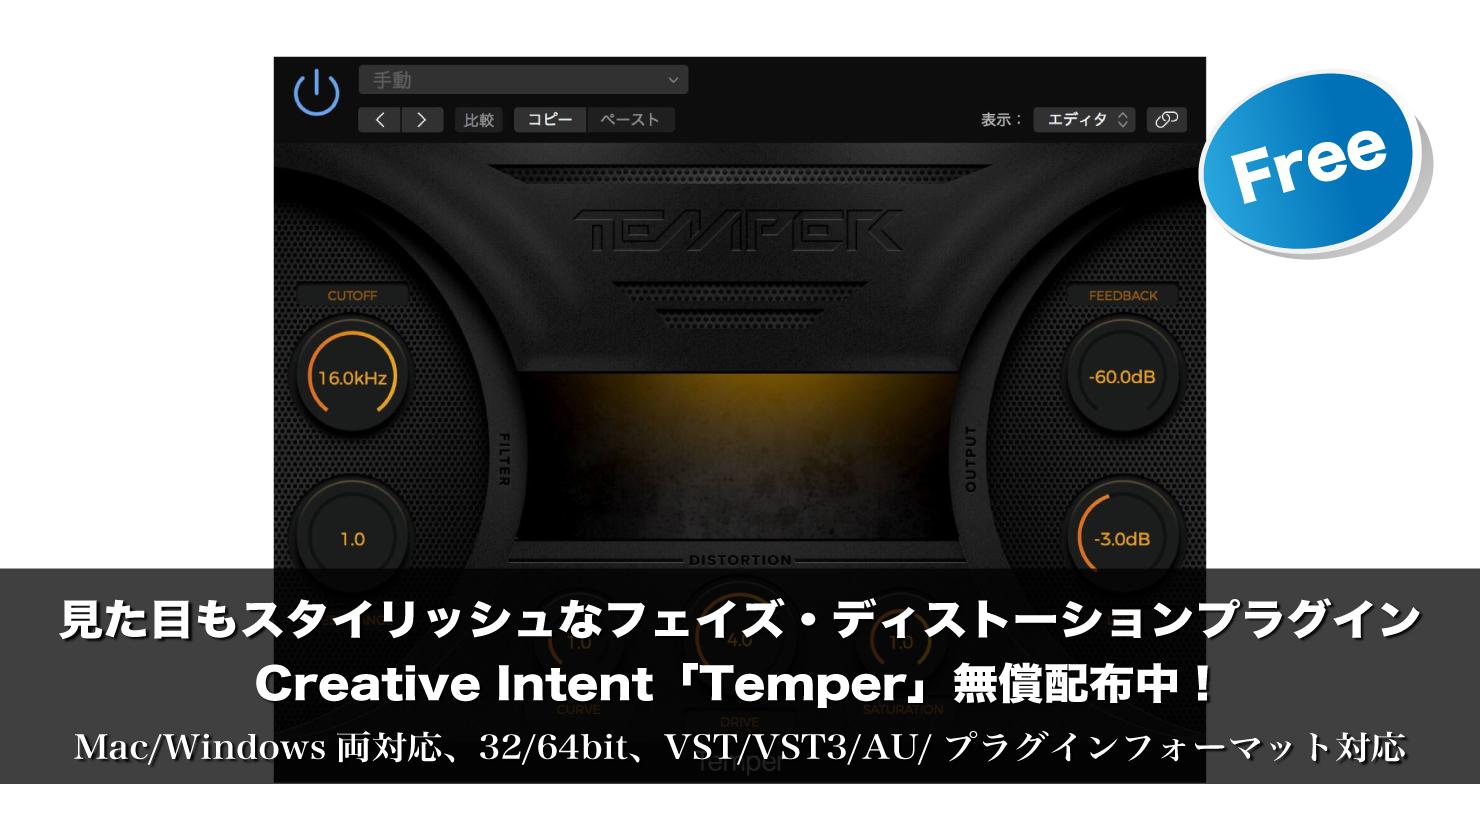 【10ドル → 無料】見た目もスタイリッシュなフェイズ・ディストーション「Temper」無償配布中!